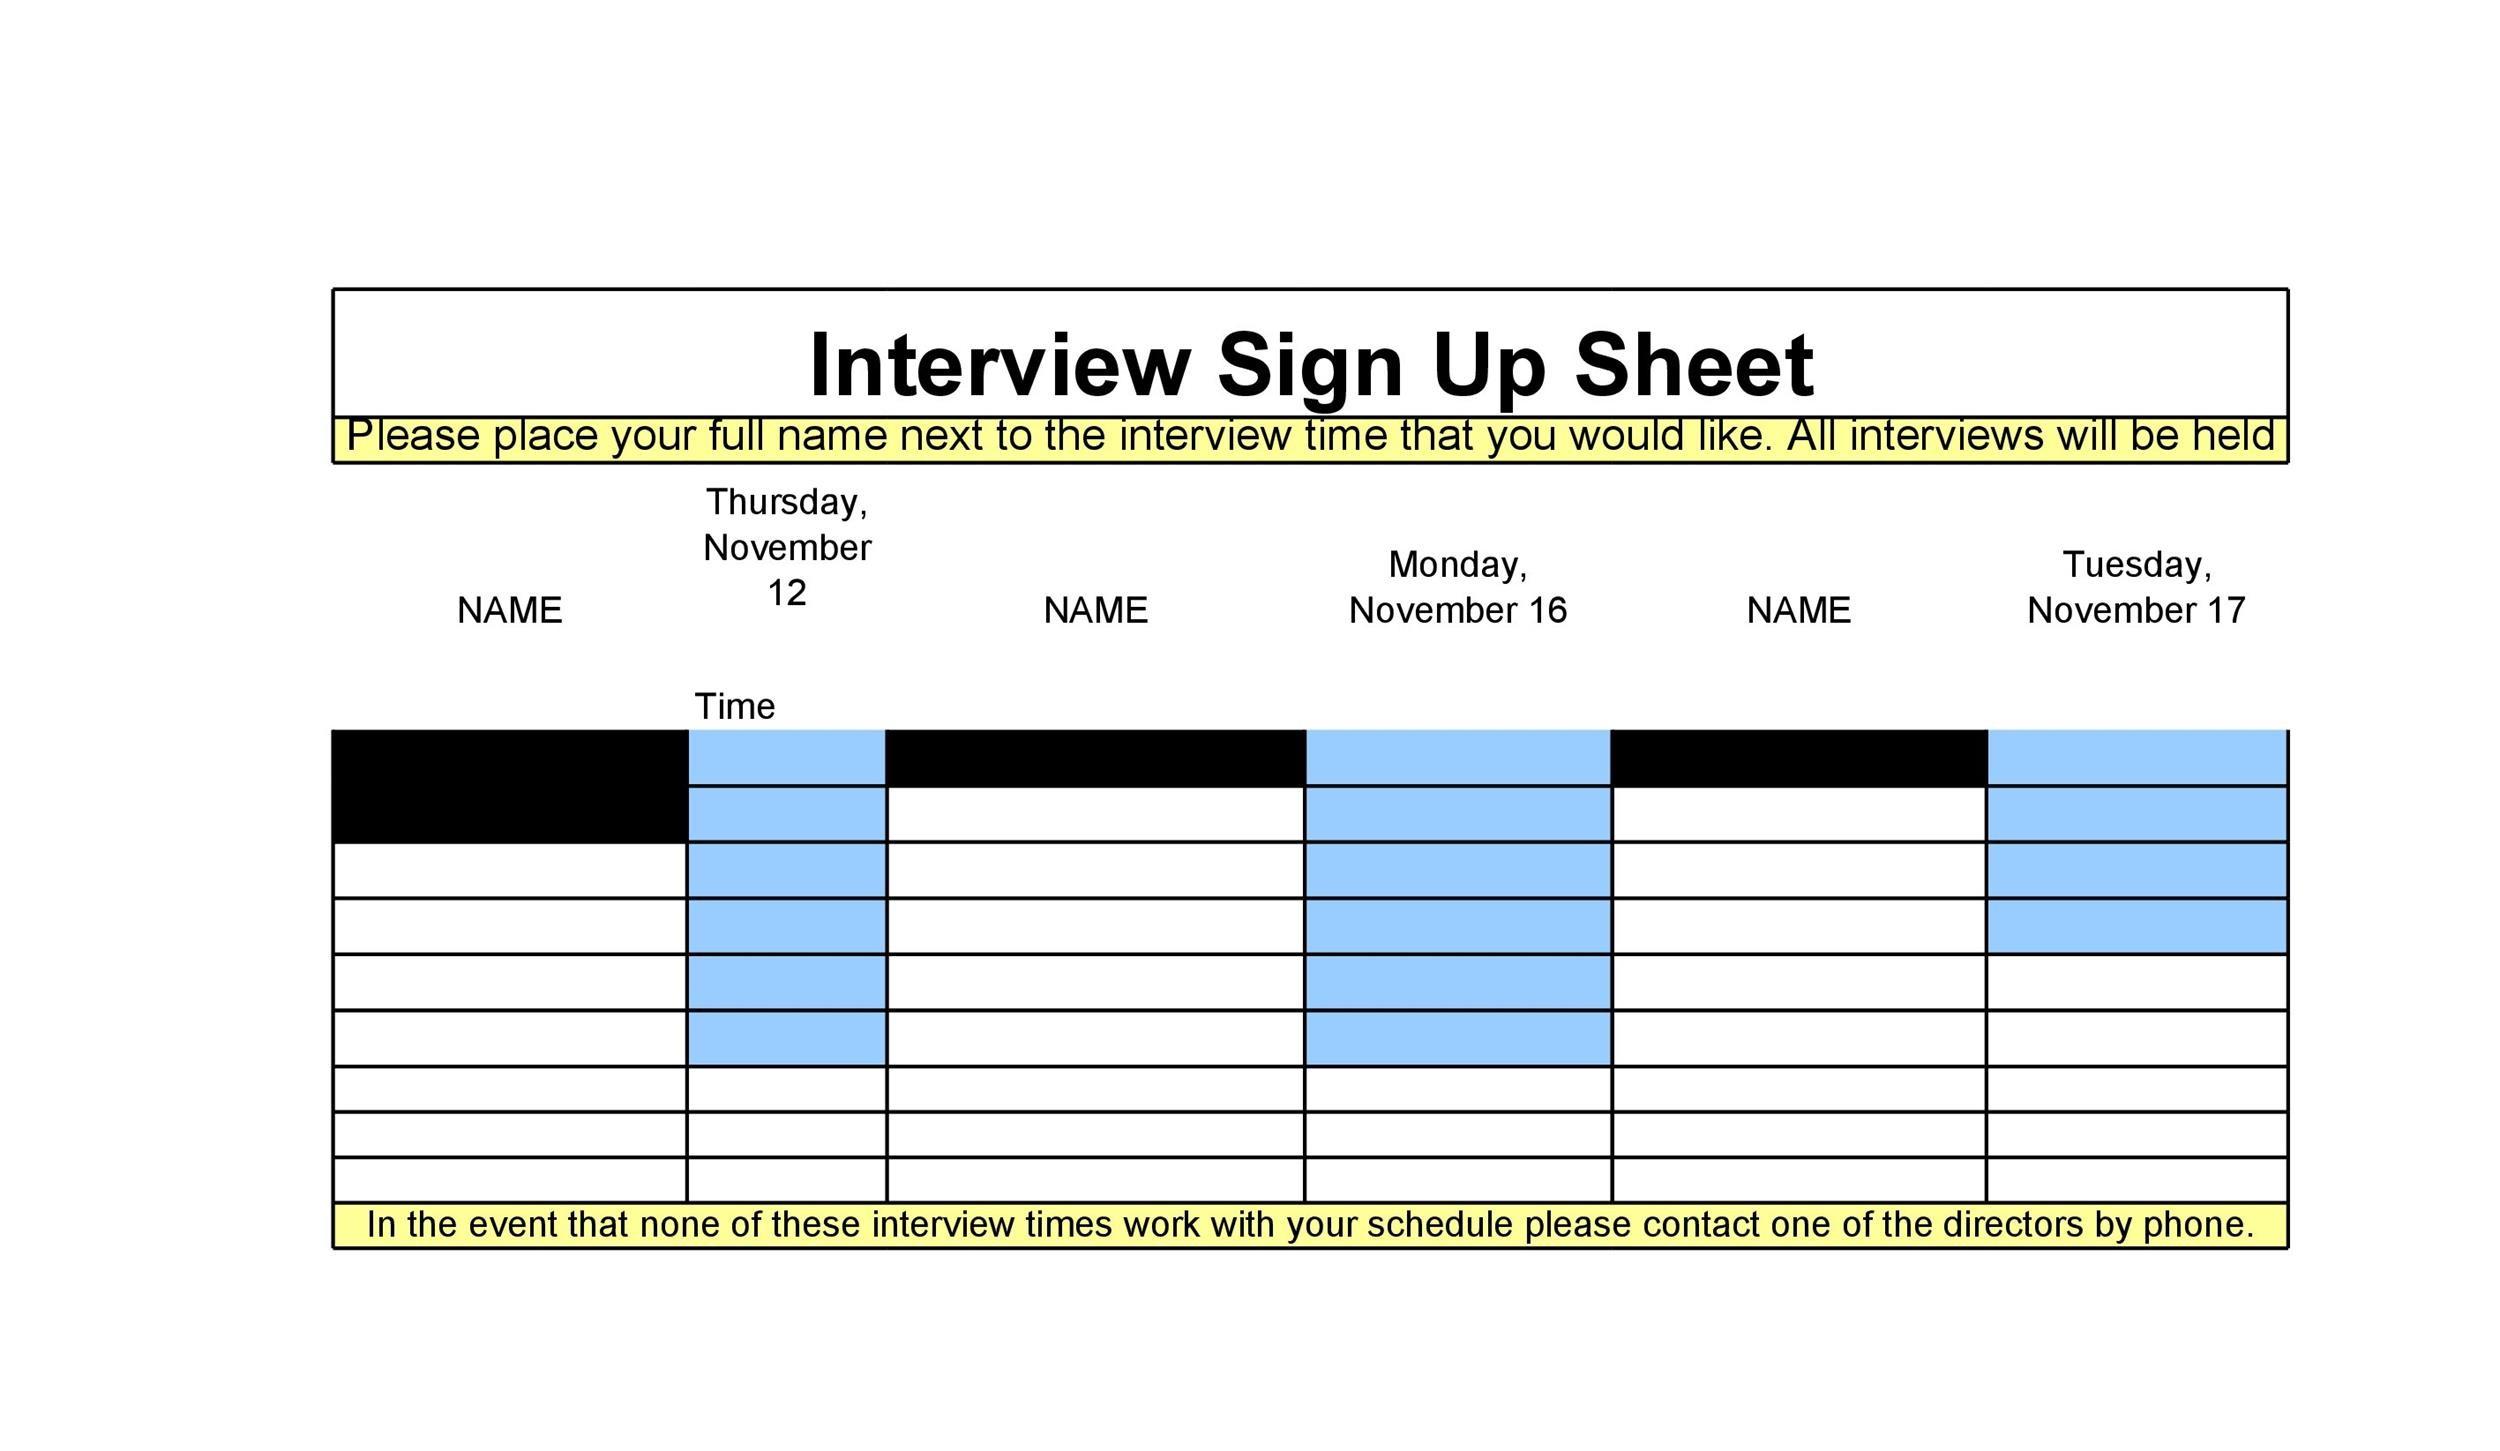 Sign-up Sheet Templates